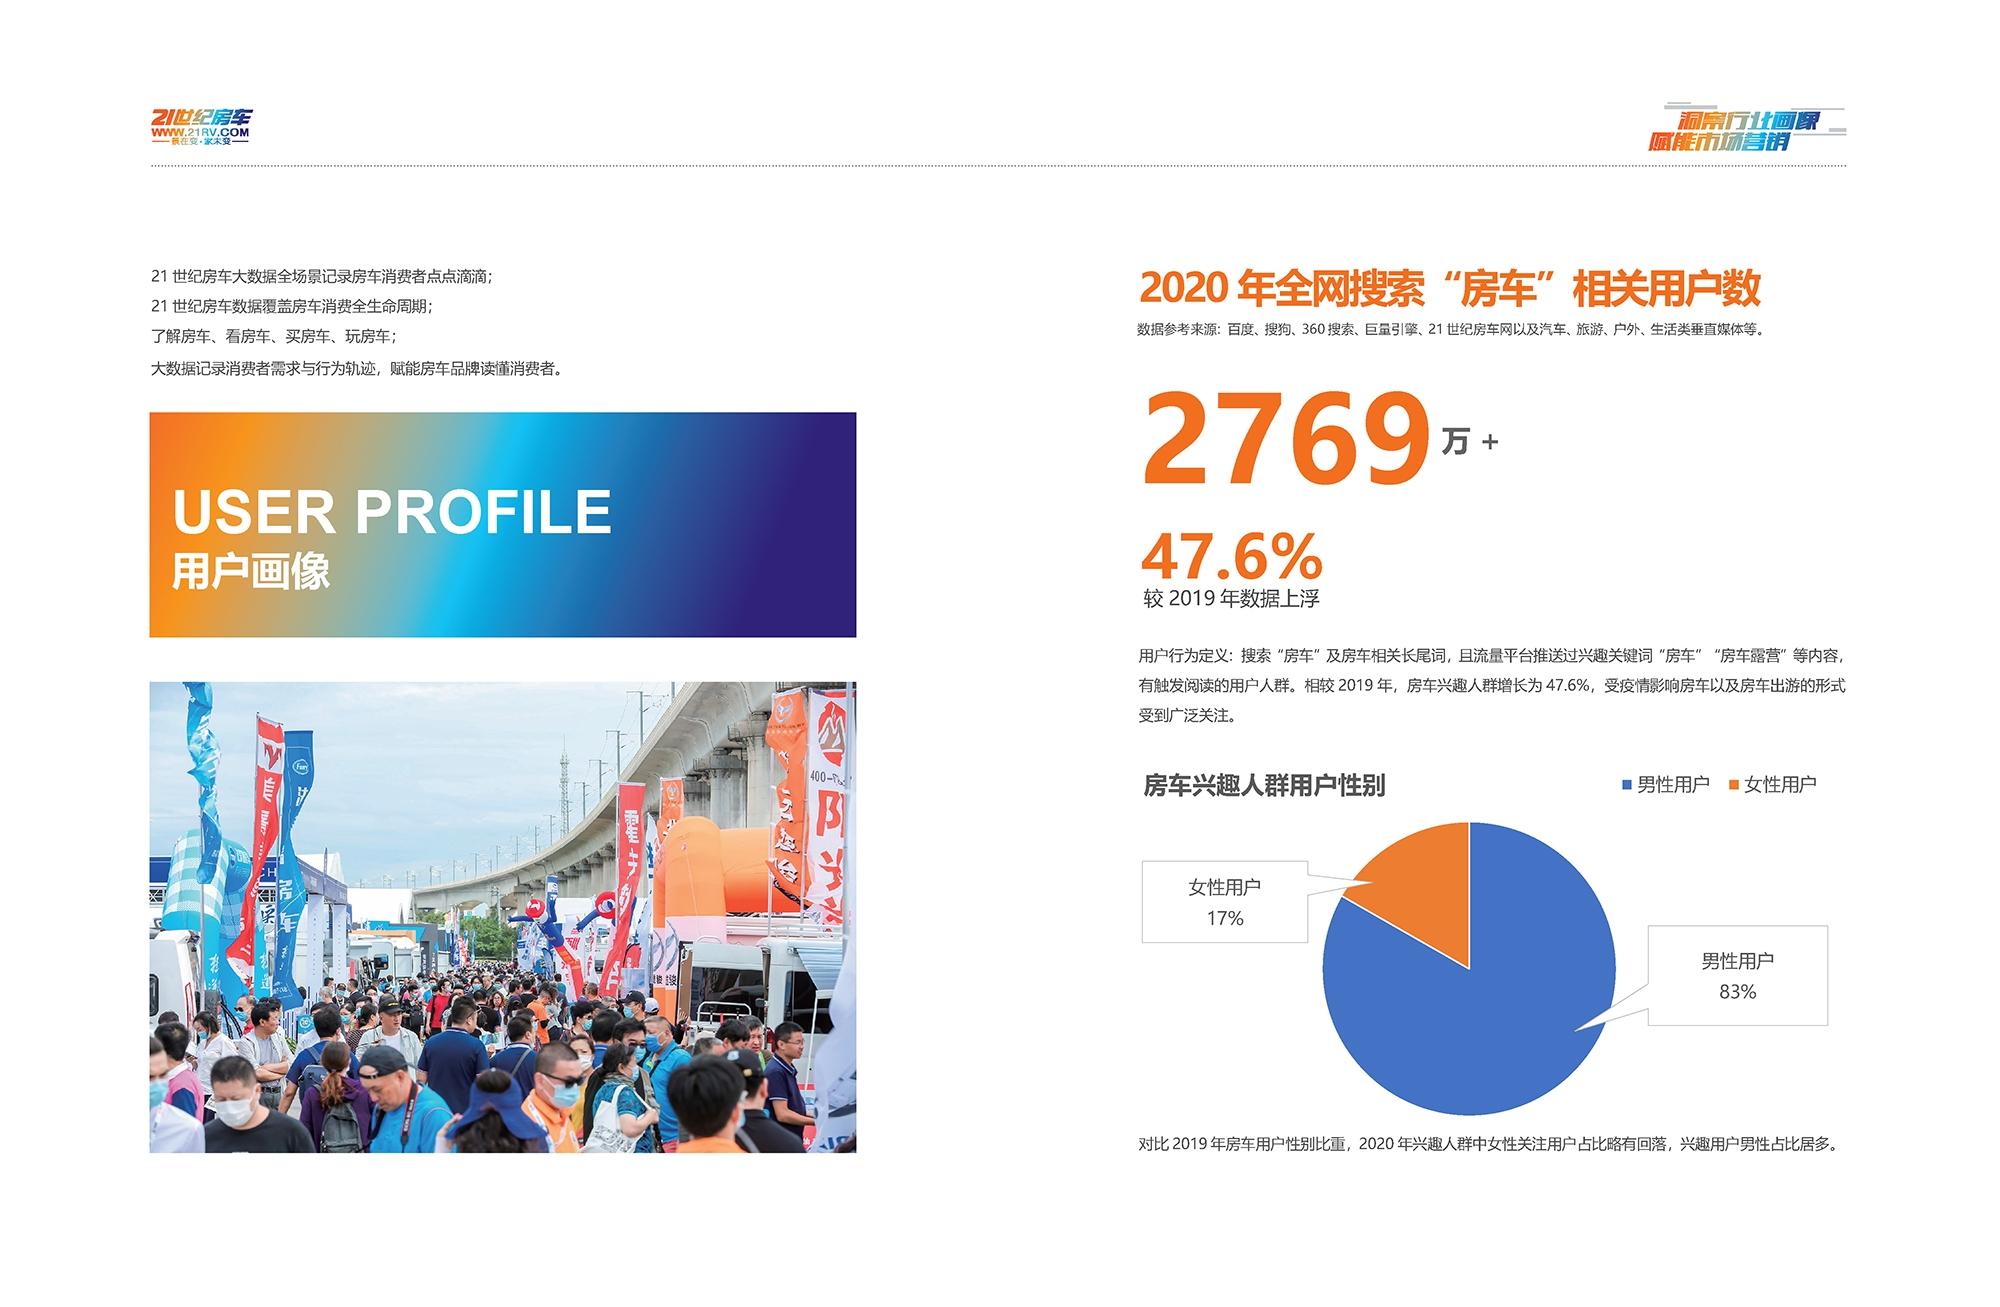 2700多万人关注房车,《2020中国房车市场白皮书》发布